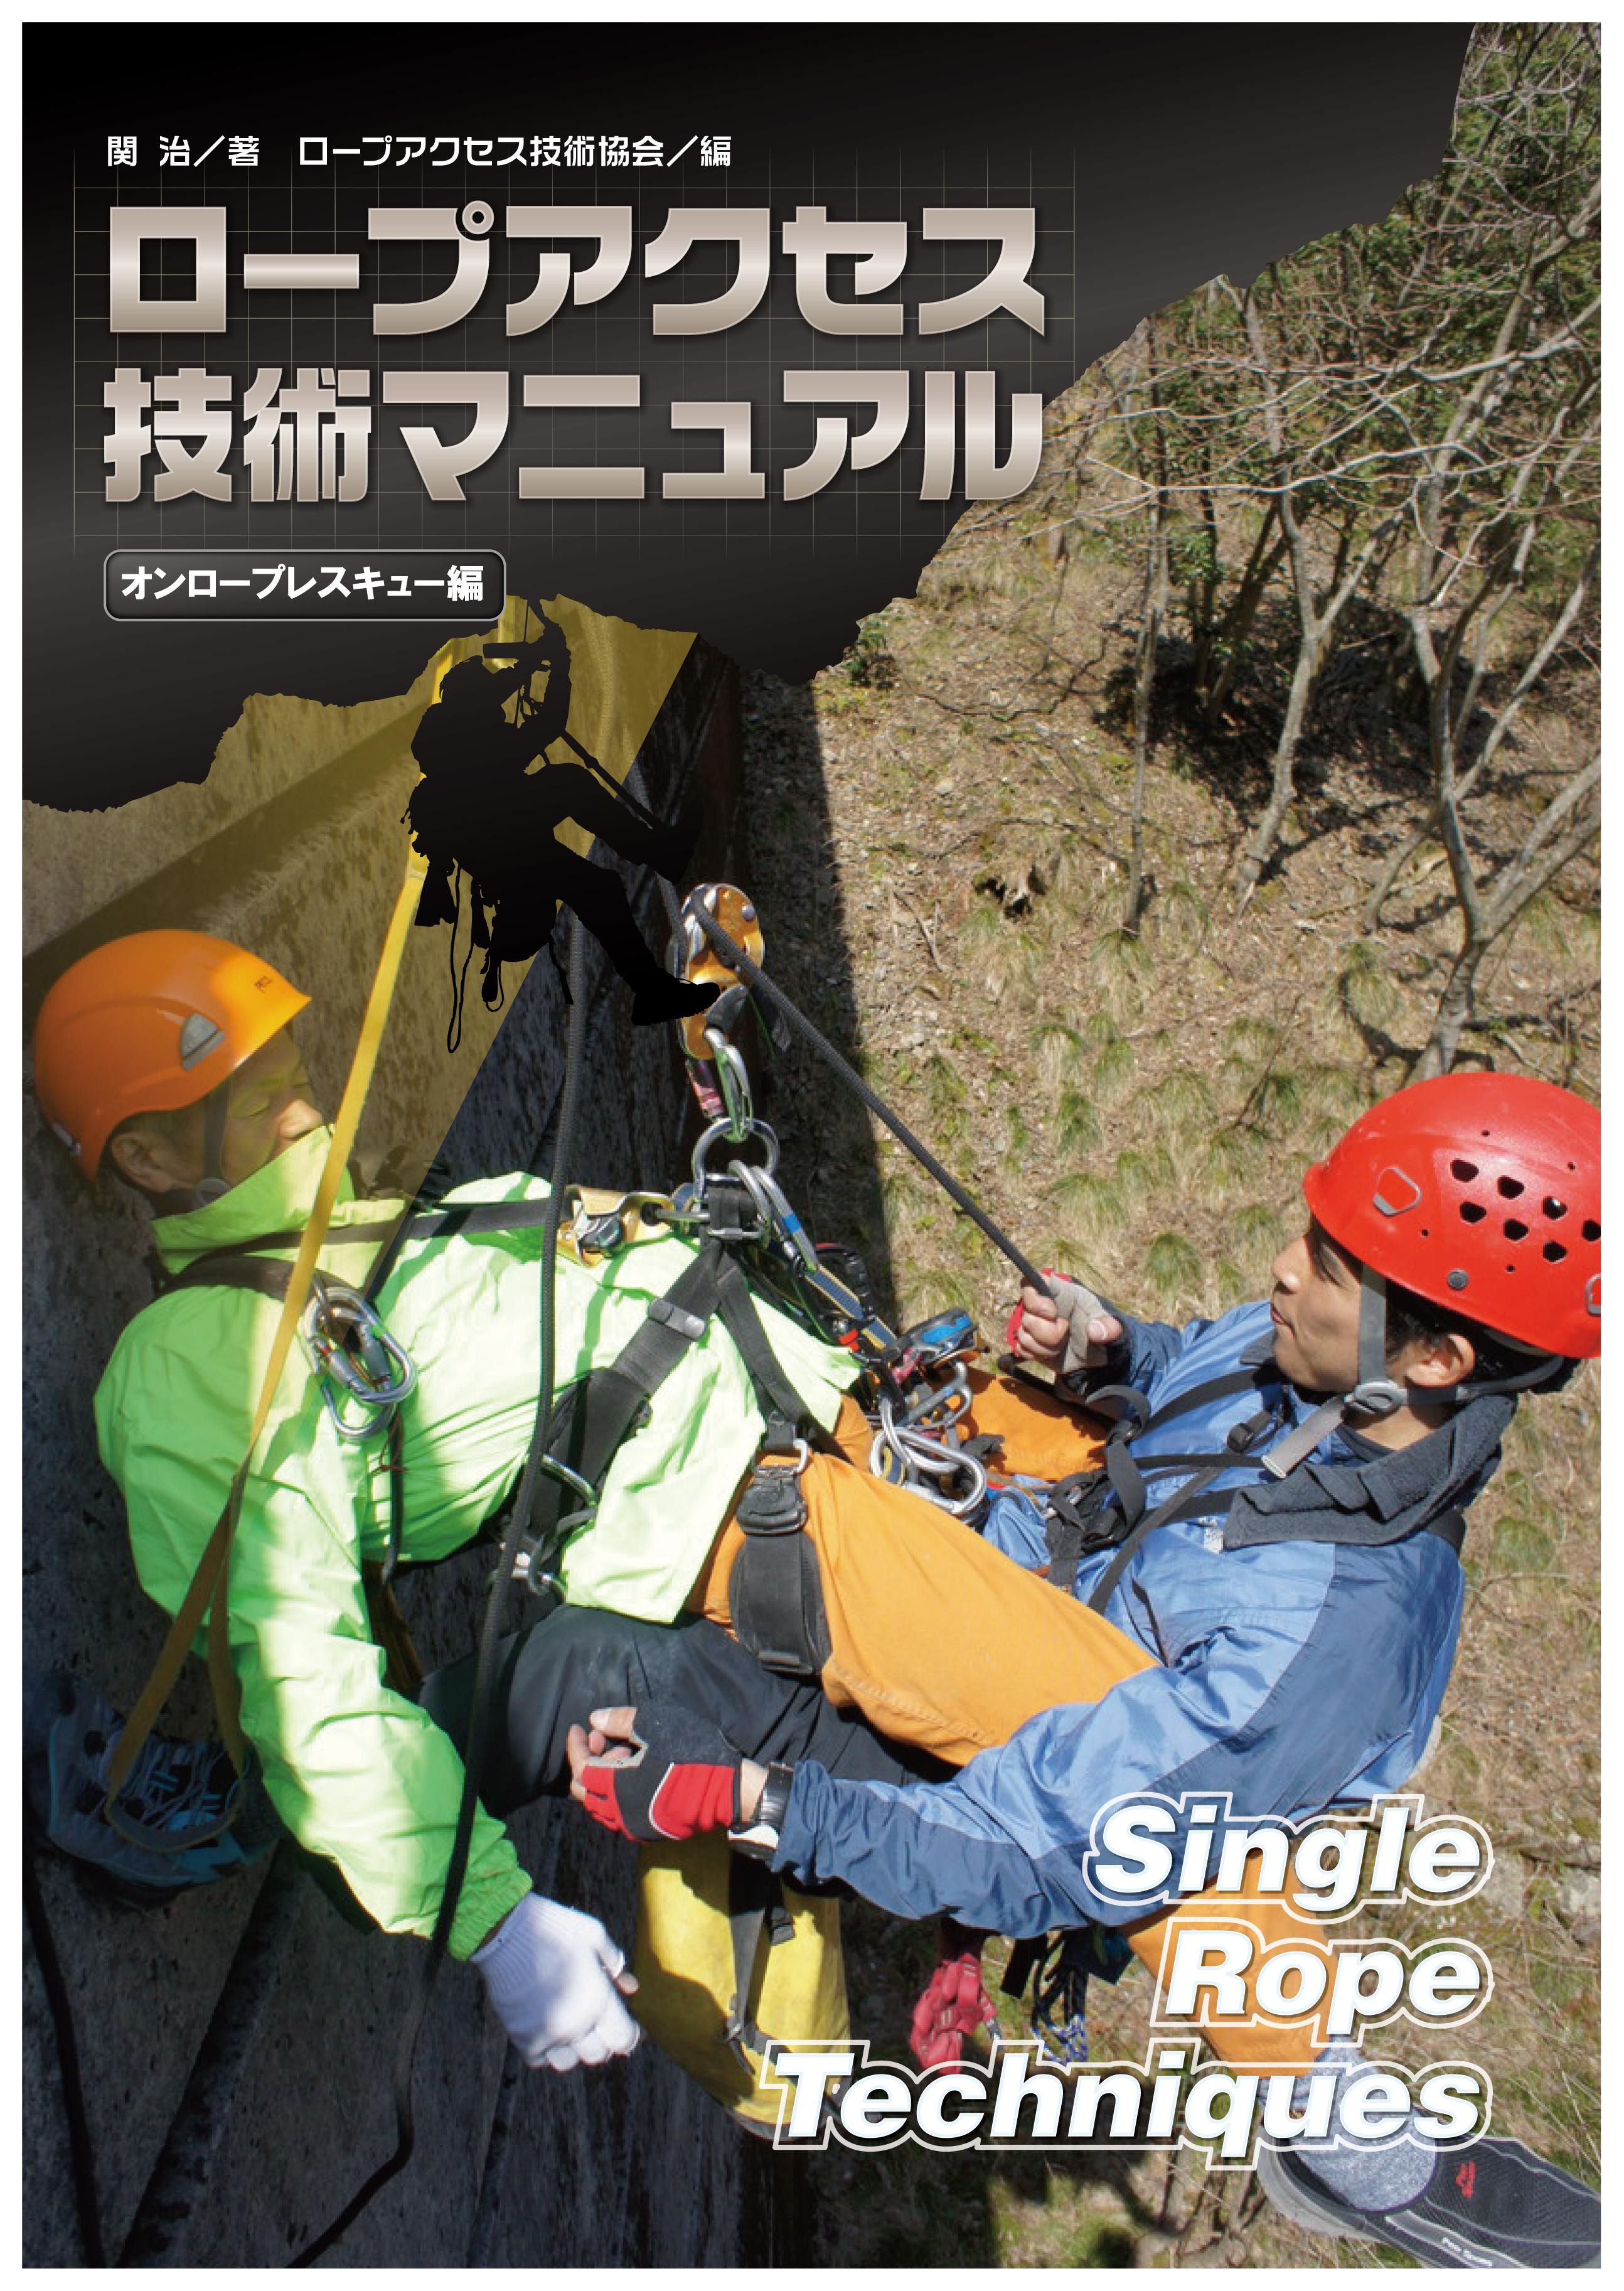 ロープアクセス技術マニュアル オンロープレスキュー編【送料無料】